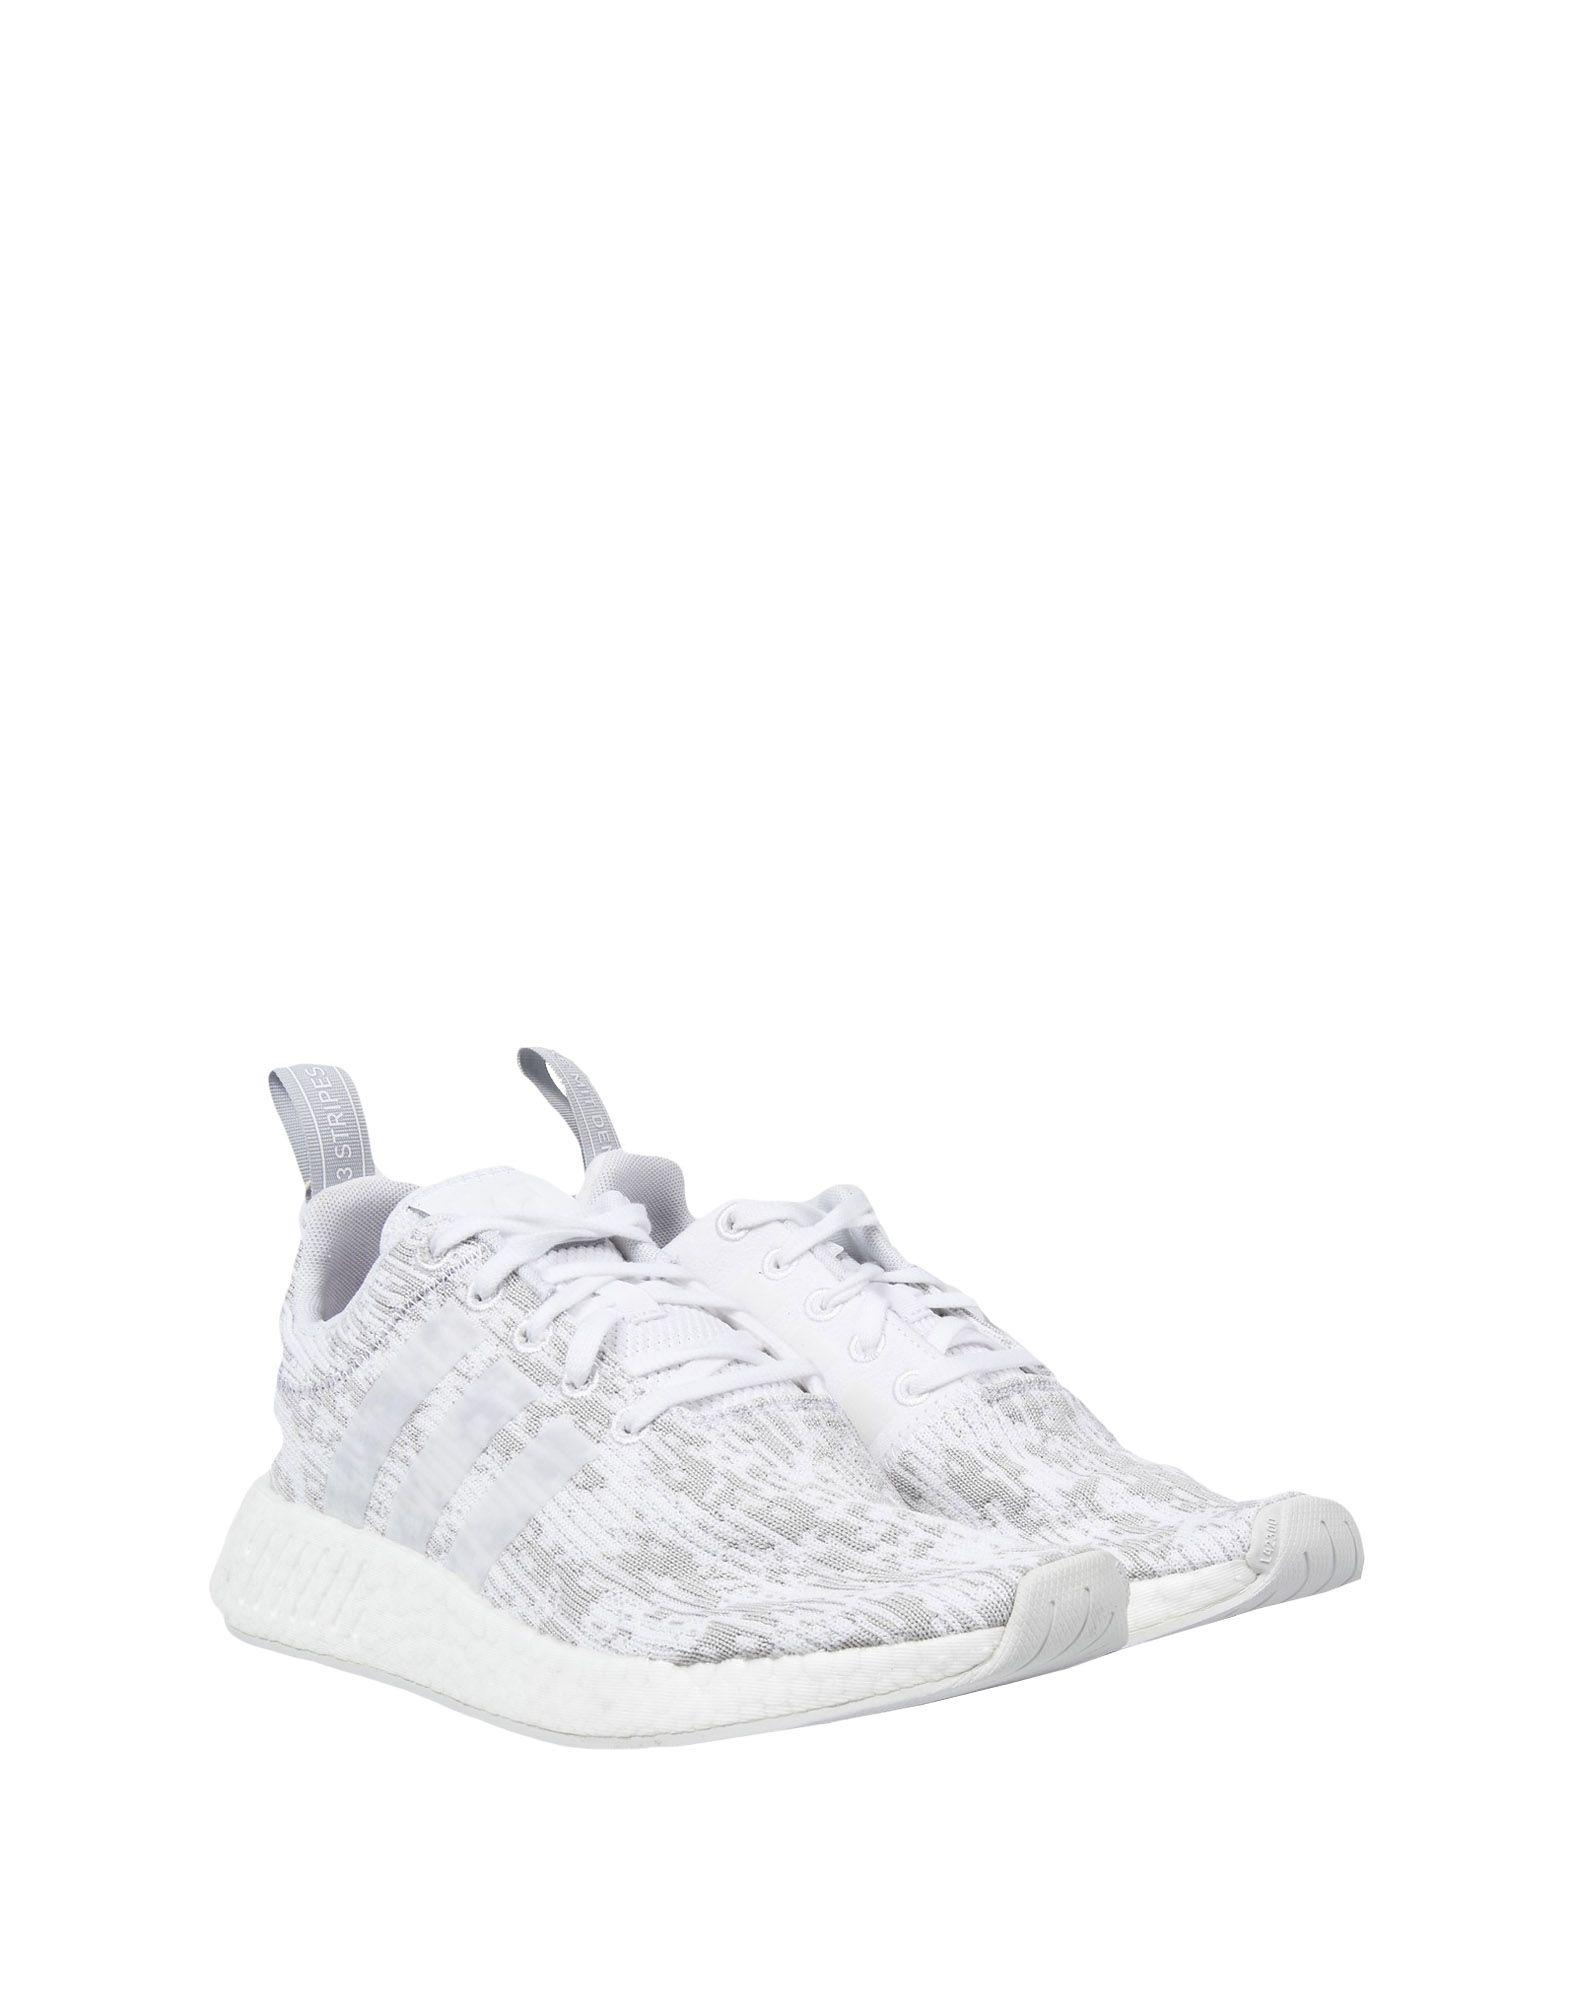 Adidas Originals Nmd_R2 gut W  11316339CJGünstige gut Nmd_R2 aussehende Schuhe f5a5b8